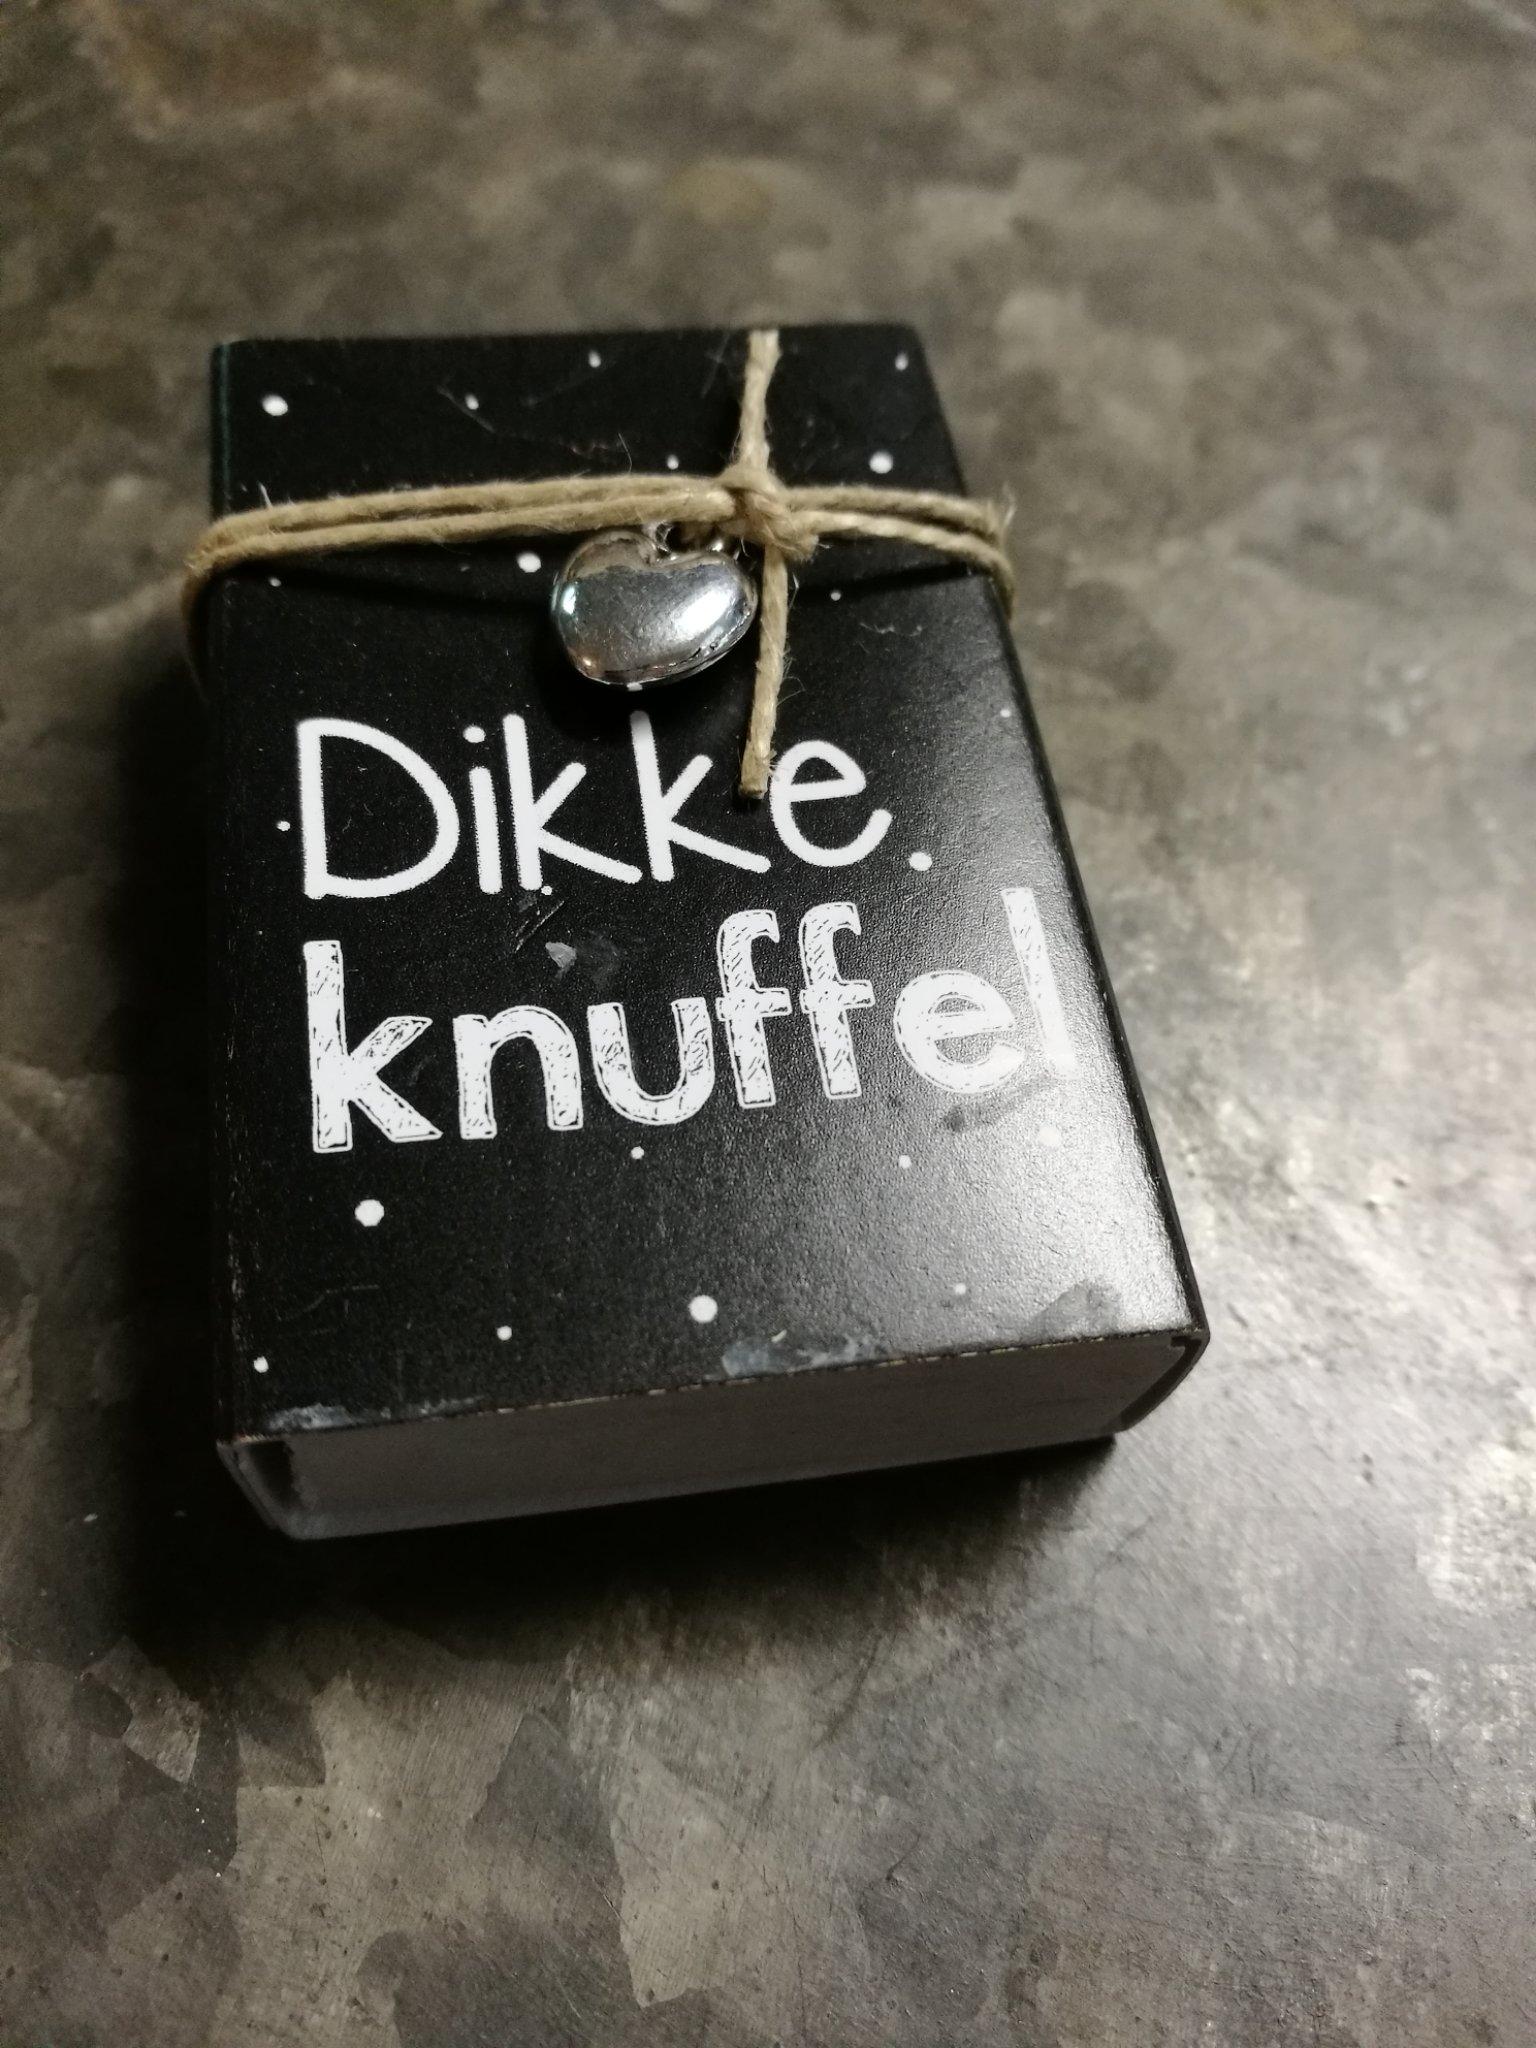 Dikke knuffel 00937